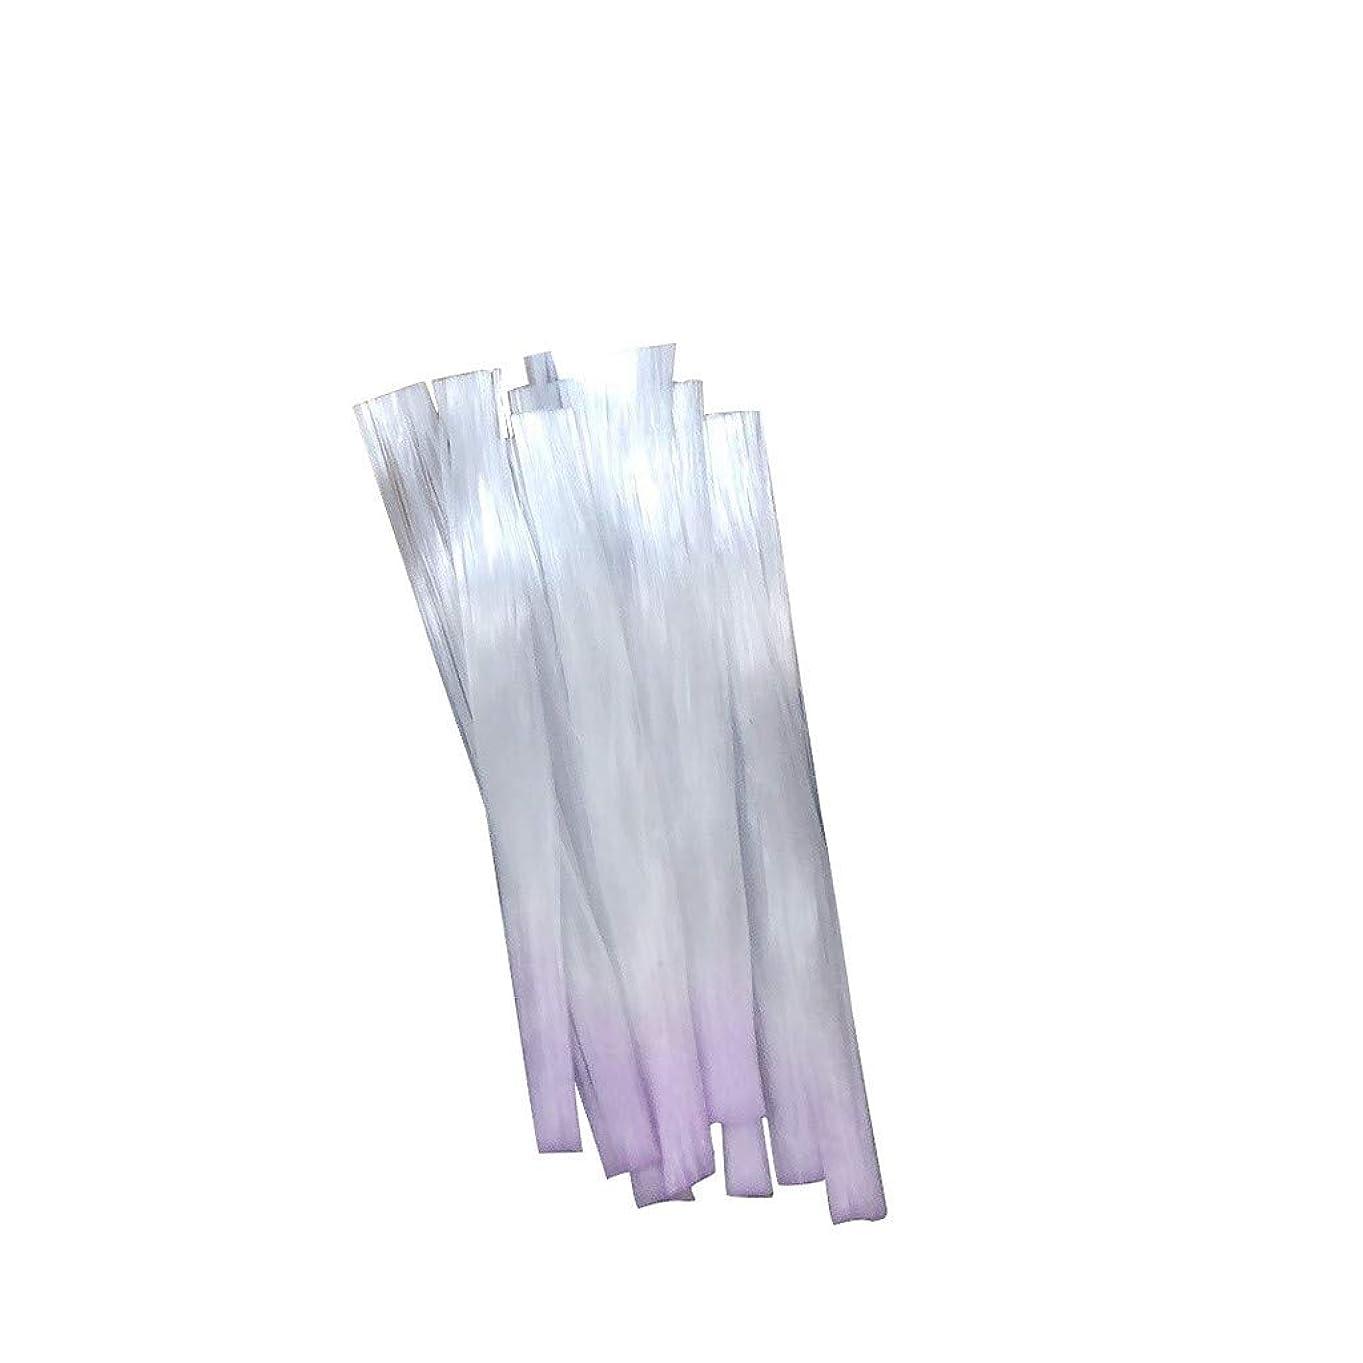 治世ソーシャルステートメントジェルネイル グリッター ポリッシュ カラーセット グラスファイバー ネイルサロン ファイバーグラスネイル フォーエクステンション シャオメイスター